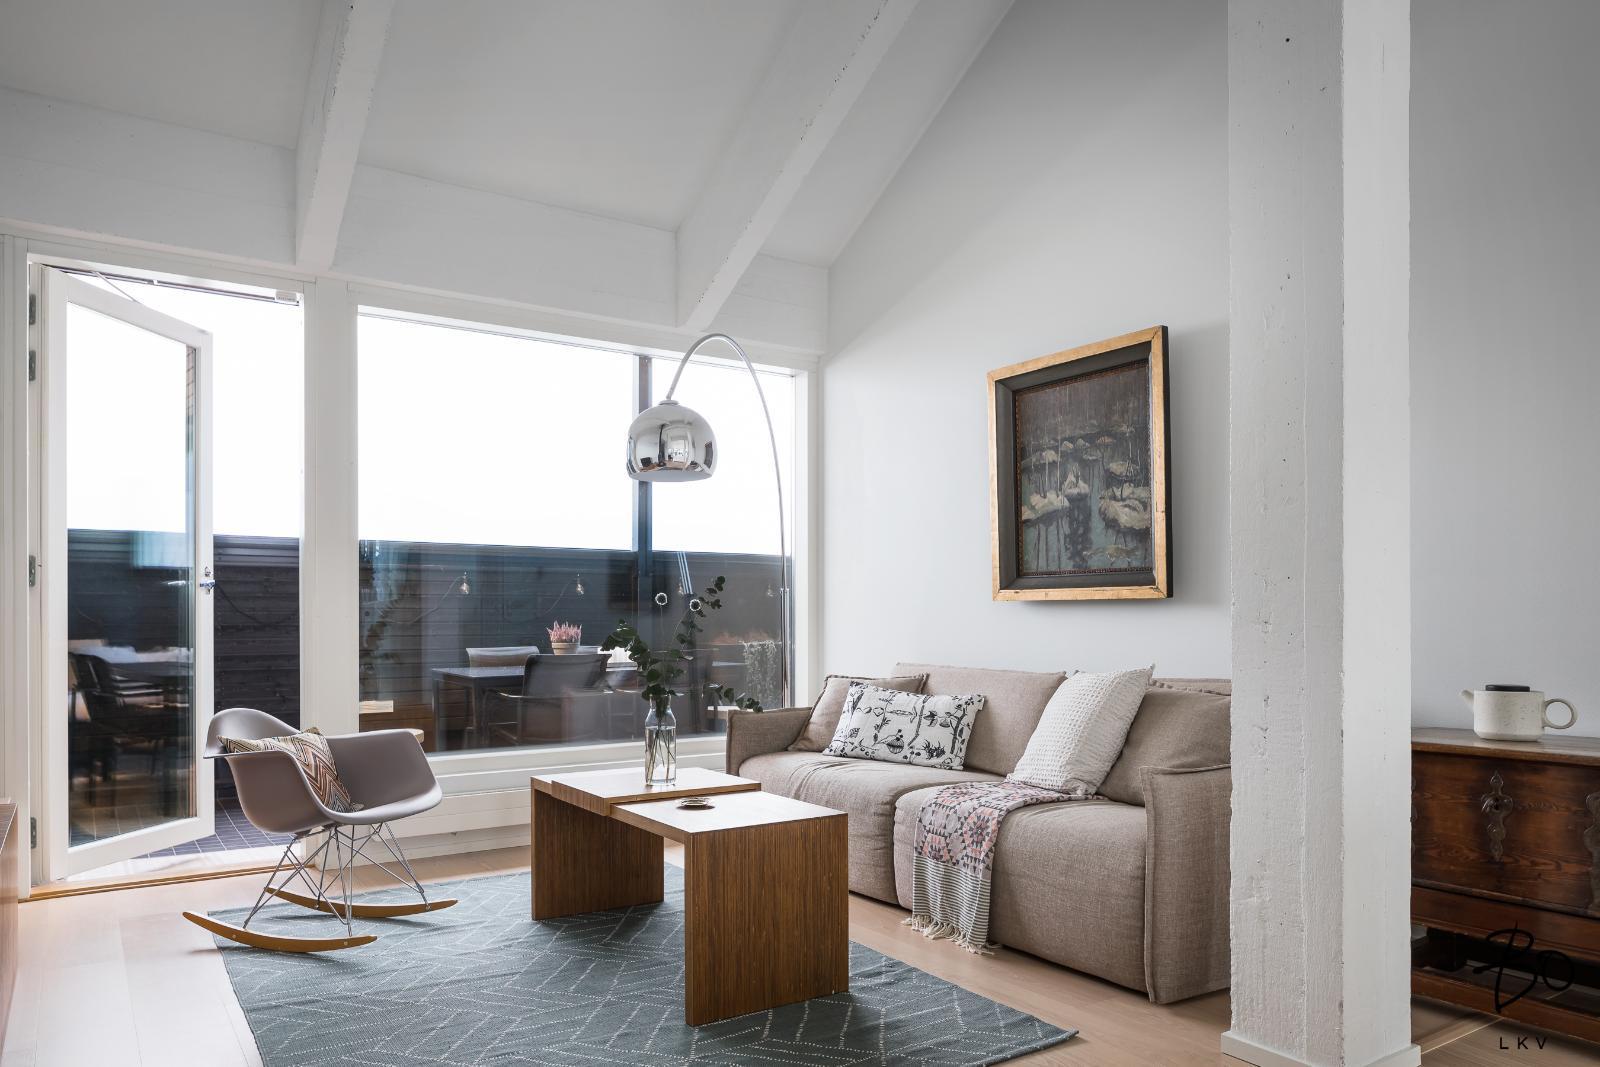 kaunis koti ullakkoasunnon moderni olohuone